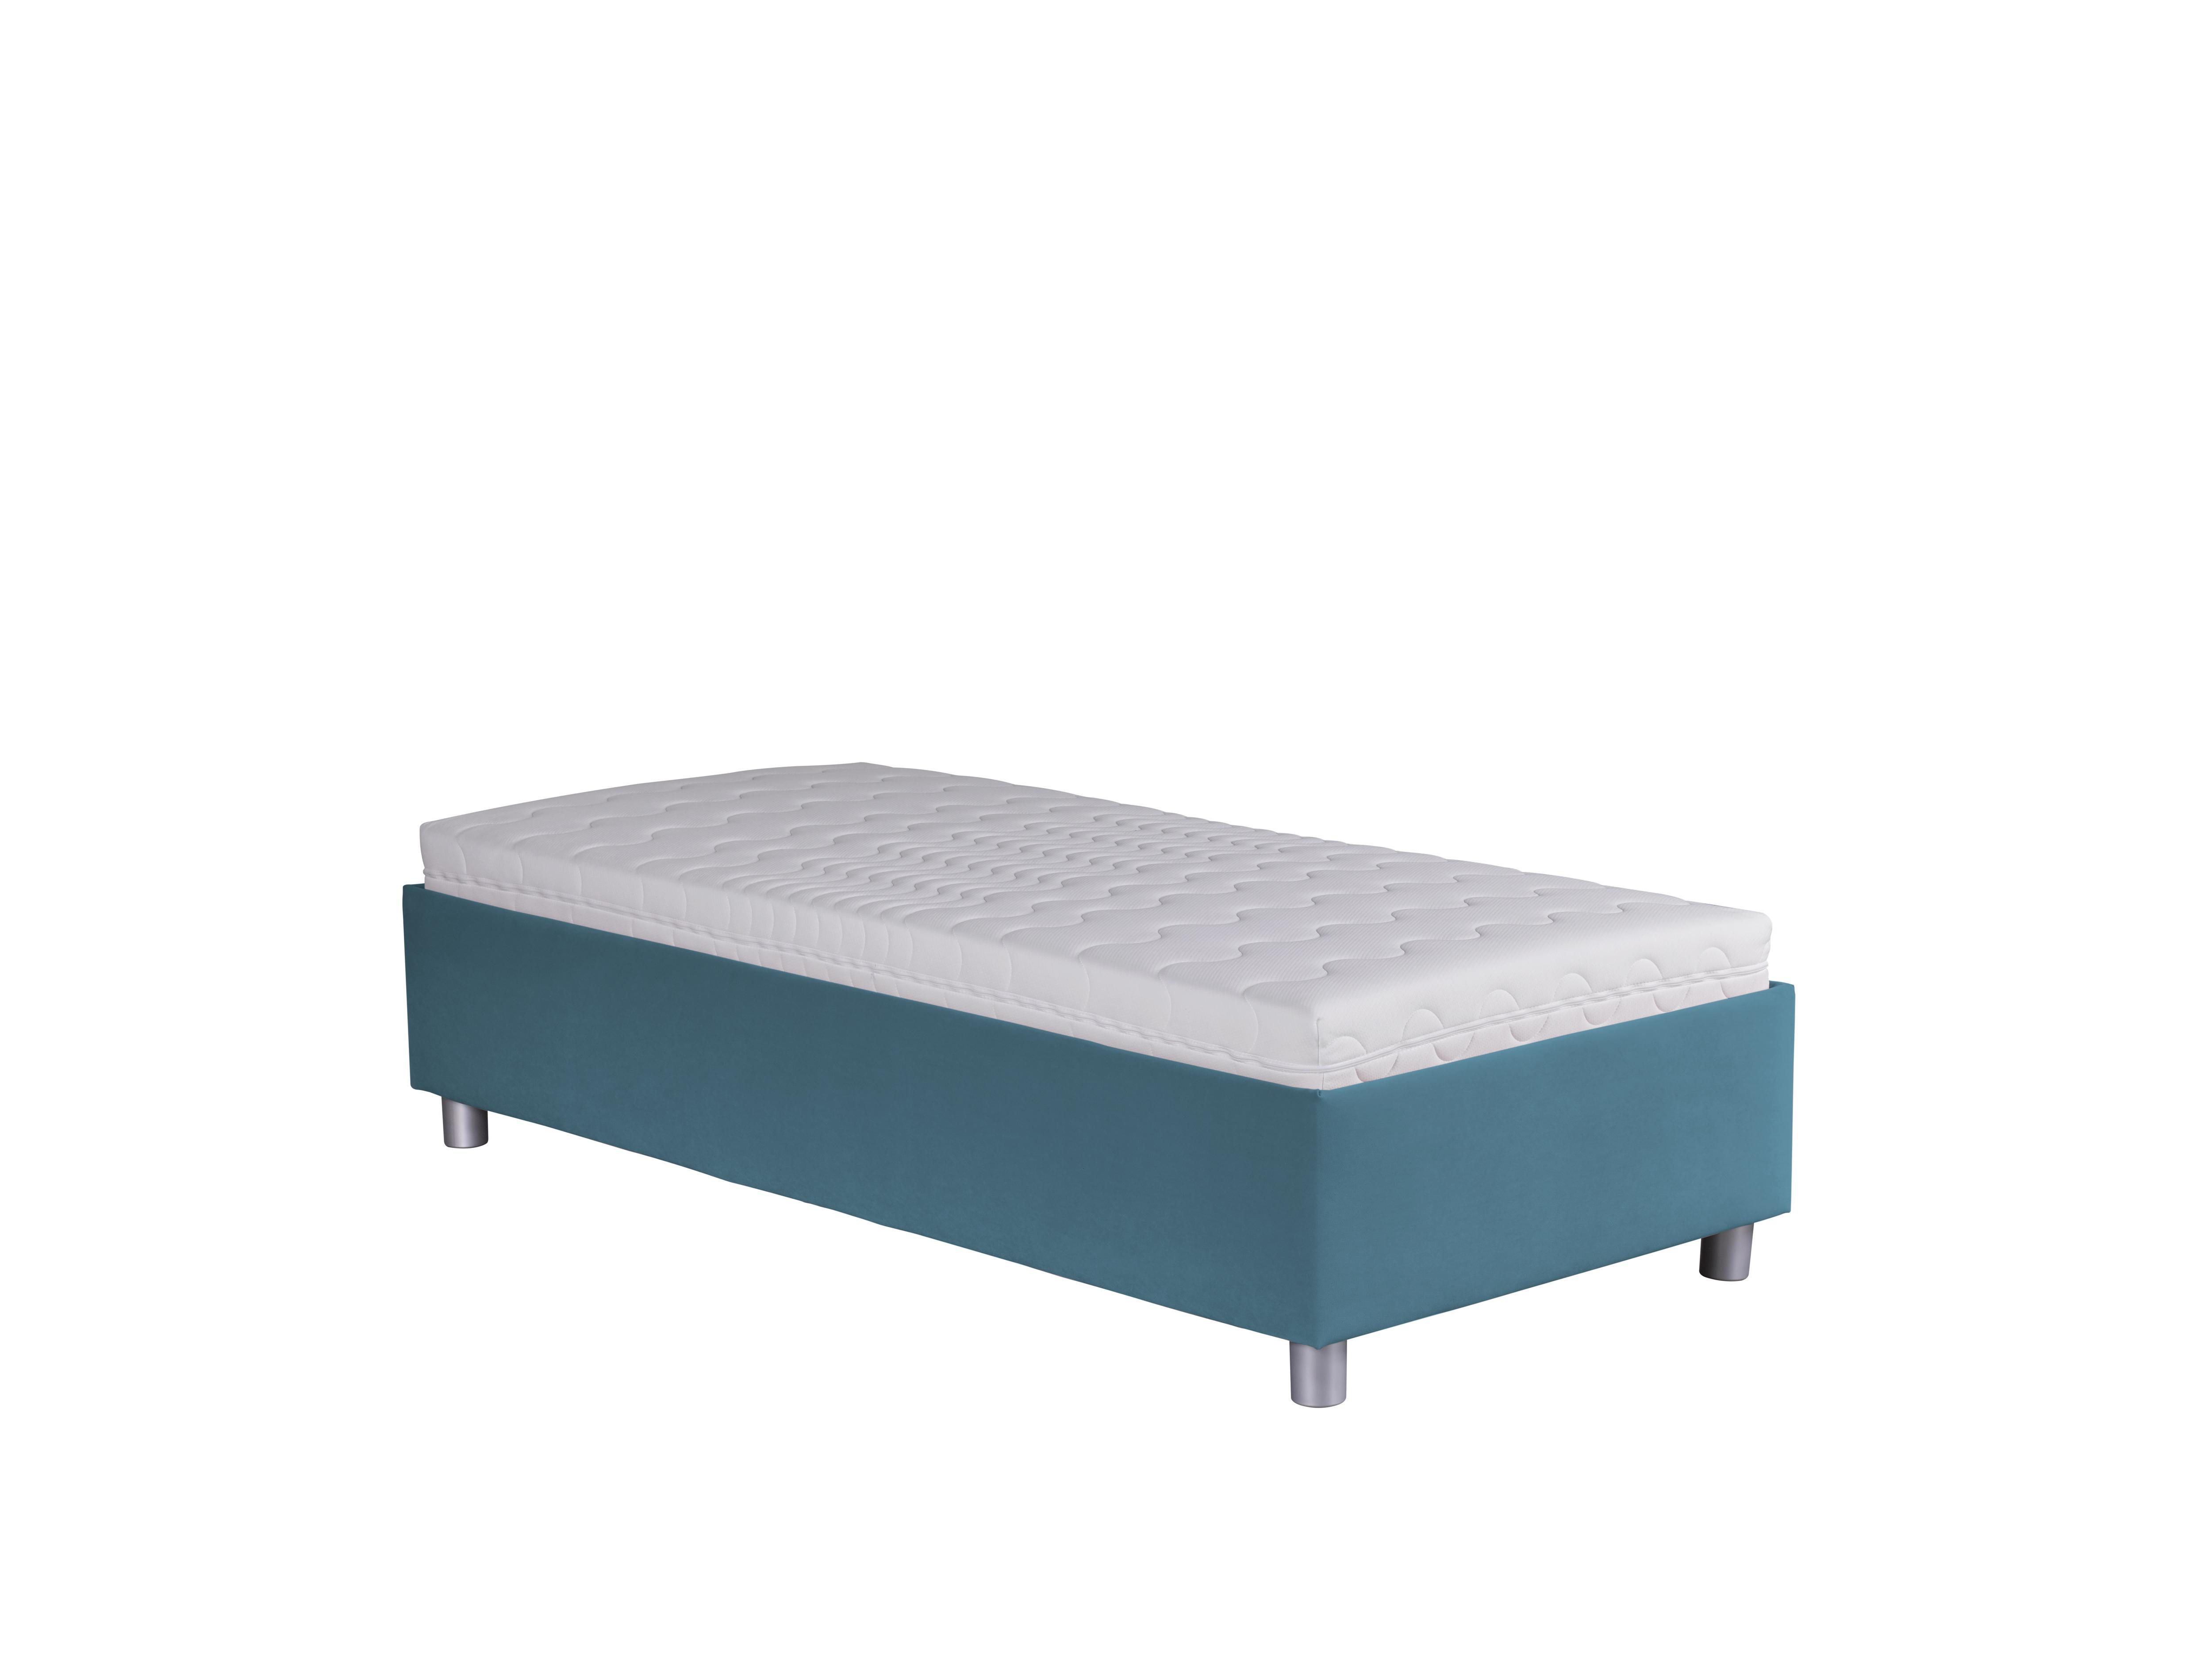 Jednolůžková postel 90 cm - Blanár - Neptun (modrá) (s roštem a matrací Nelly)